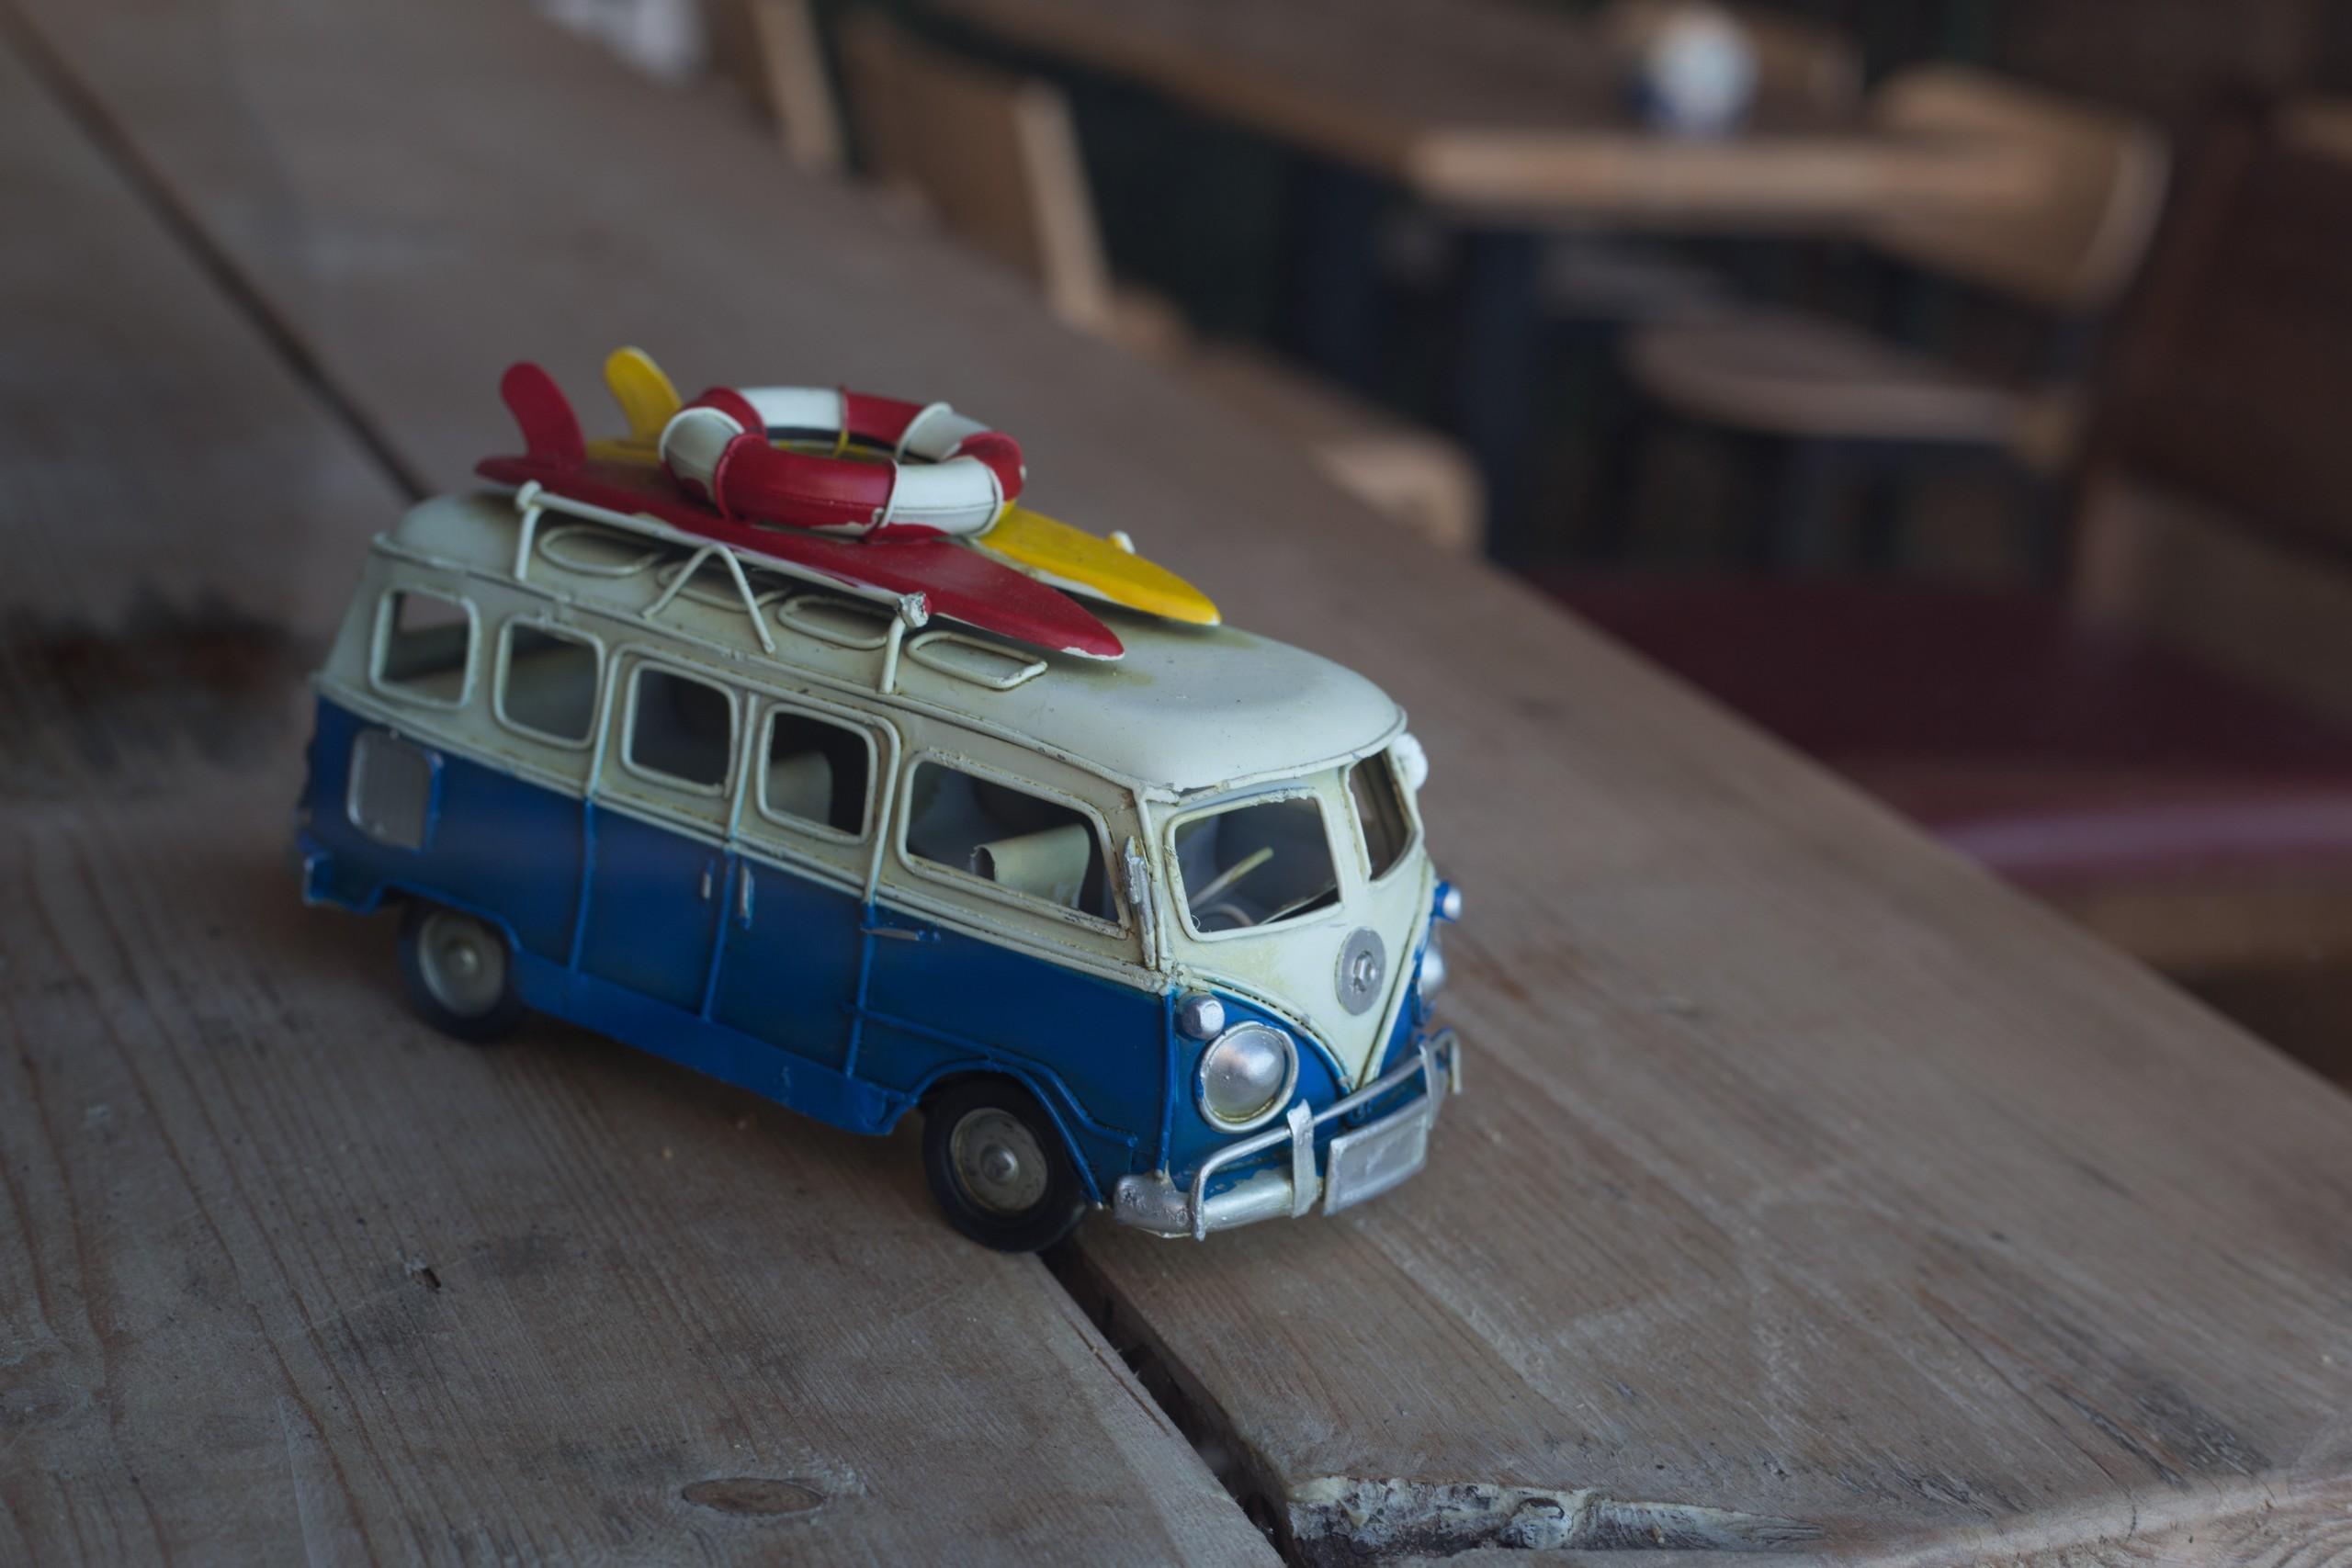 Volkswagen toy van